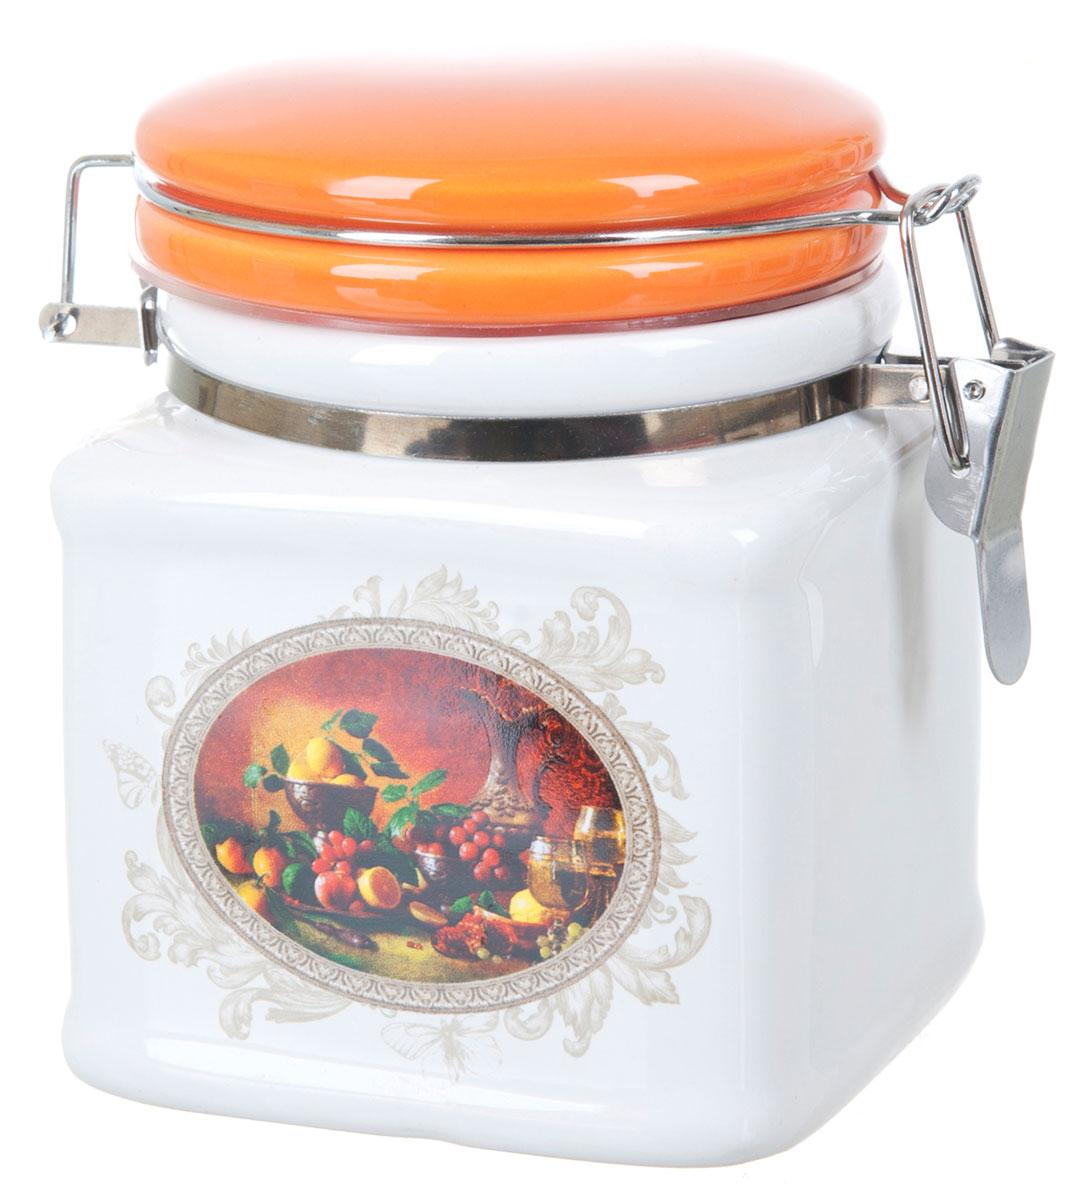 Банка для сыпучих продуктов Polystar Севилья, 500 мл. L2520572VT-1520(SR)Банка для сыпучих продуктов Polystar Севилья изготовлена из прочной доломитовой керамики, покрытой слоем сверкающей гладкой глазури. Изделие оформлено красочным изображением. Банка прекрасно подойдет для хранения различных сыпучих продуктов: чая, кофе, сахара, круп и многого другого. Благодаря силиконовой прослойке и бугельному замку, крышка герметично закрывается, что позволяет дольше сохранять продукты свежими. Изящная емкость не только поможет хранить разнообразные сыпучие продукты, но и стильно дополнит интерьер кухни. Изделие подходит для использования в посудомоечной машине и в холодильнике.